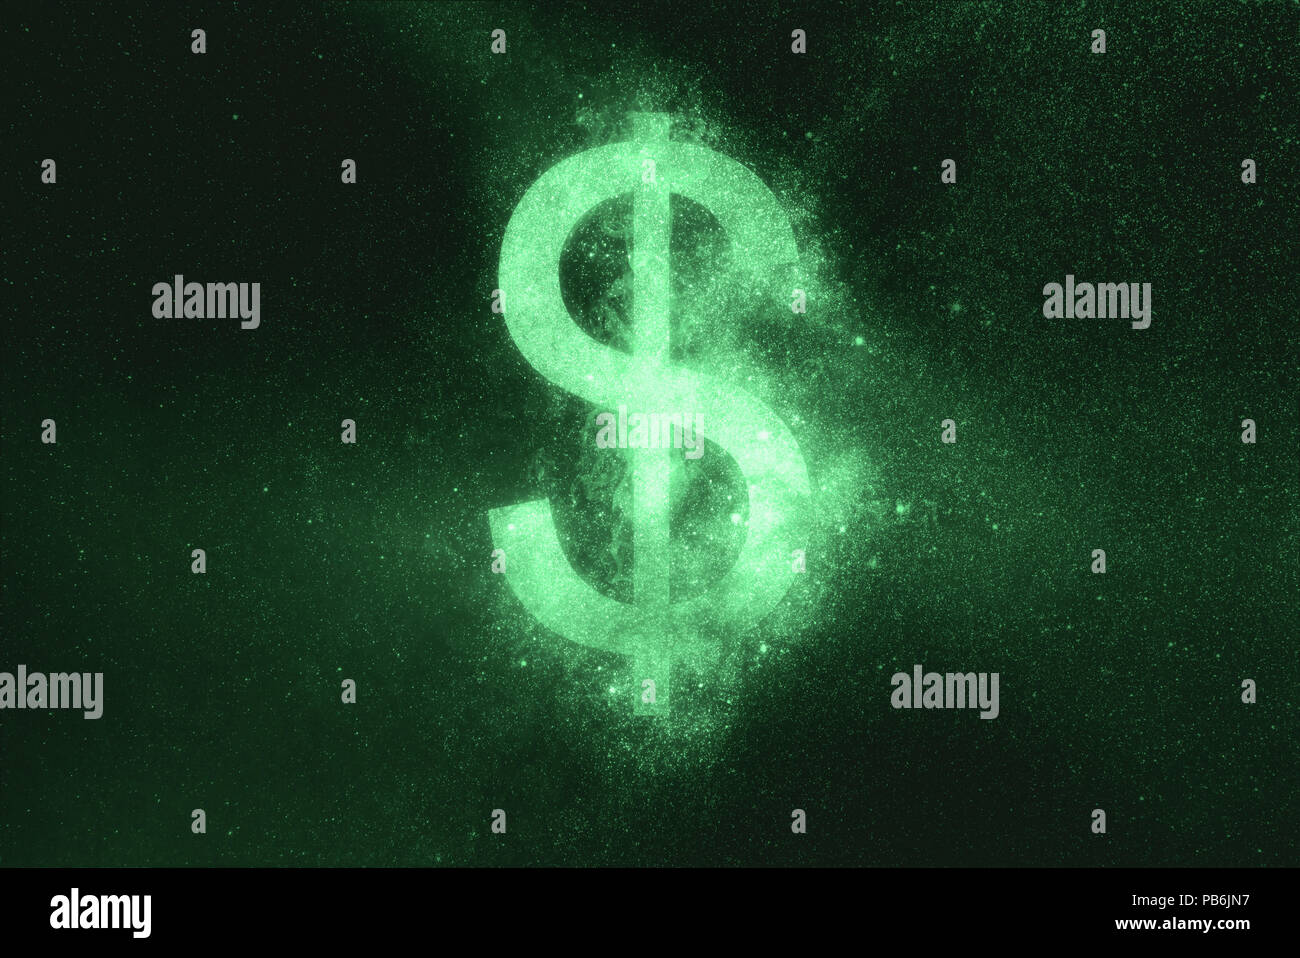 Le symbole du dollar, symbole du dollar. Symbole vert Photo Stock